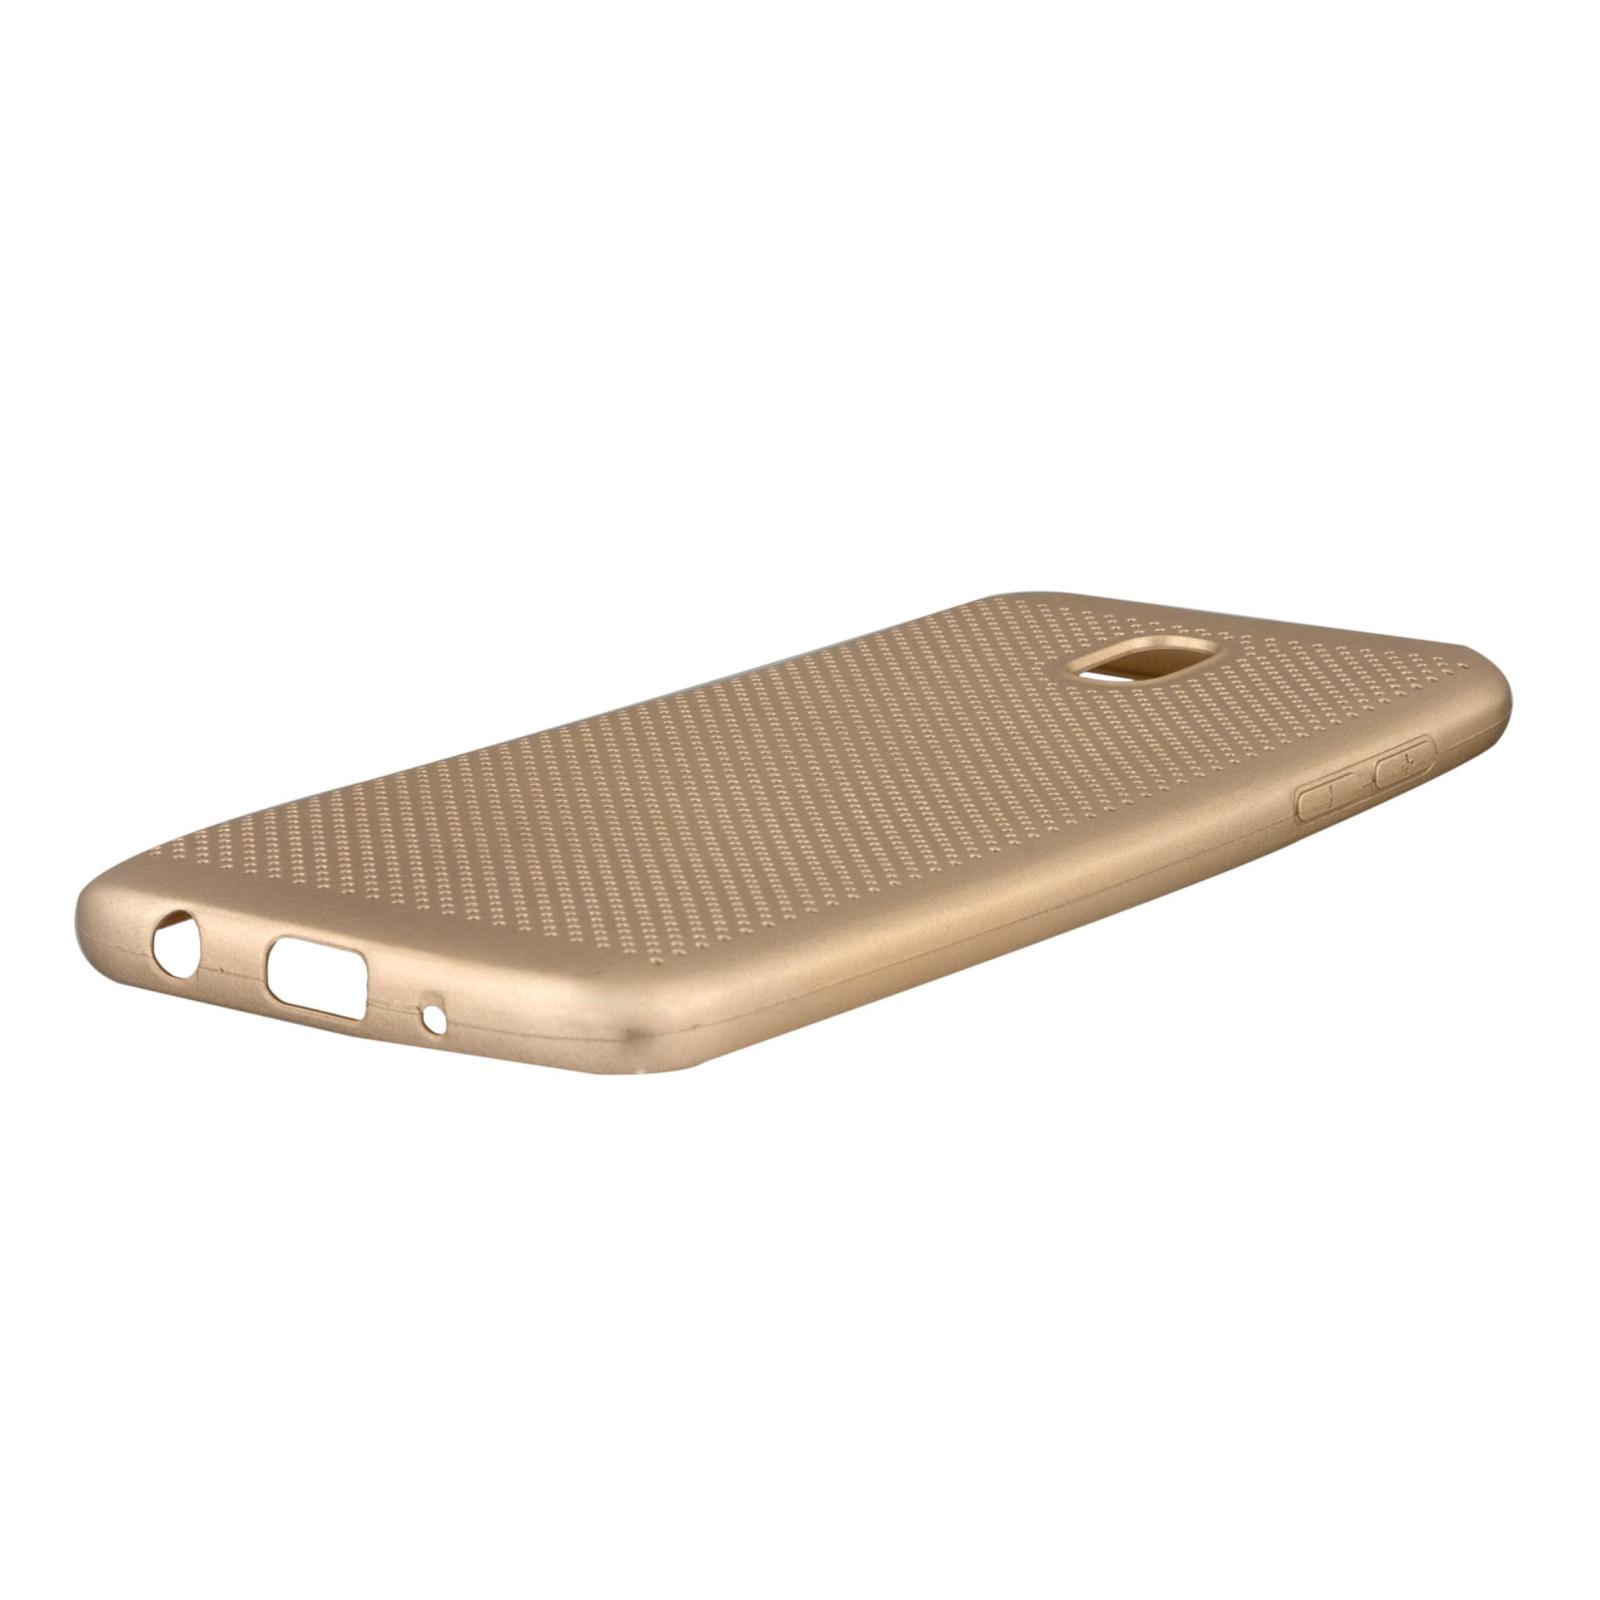 Чехол для моб. телефона MakeFuture Moon Case (TPU) для Samsung J5 2017 (J530) Gold (MCM-SJ530GD) изображение 3